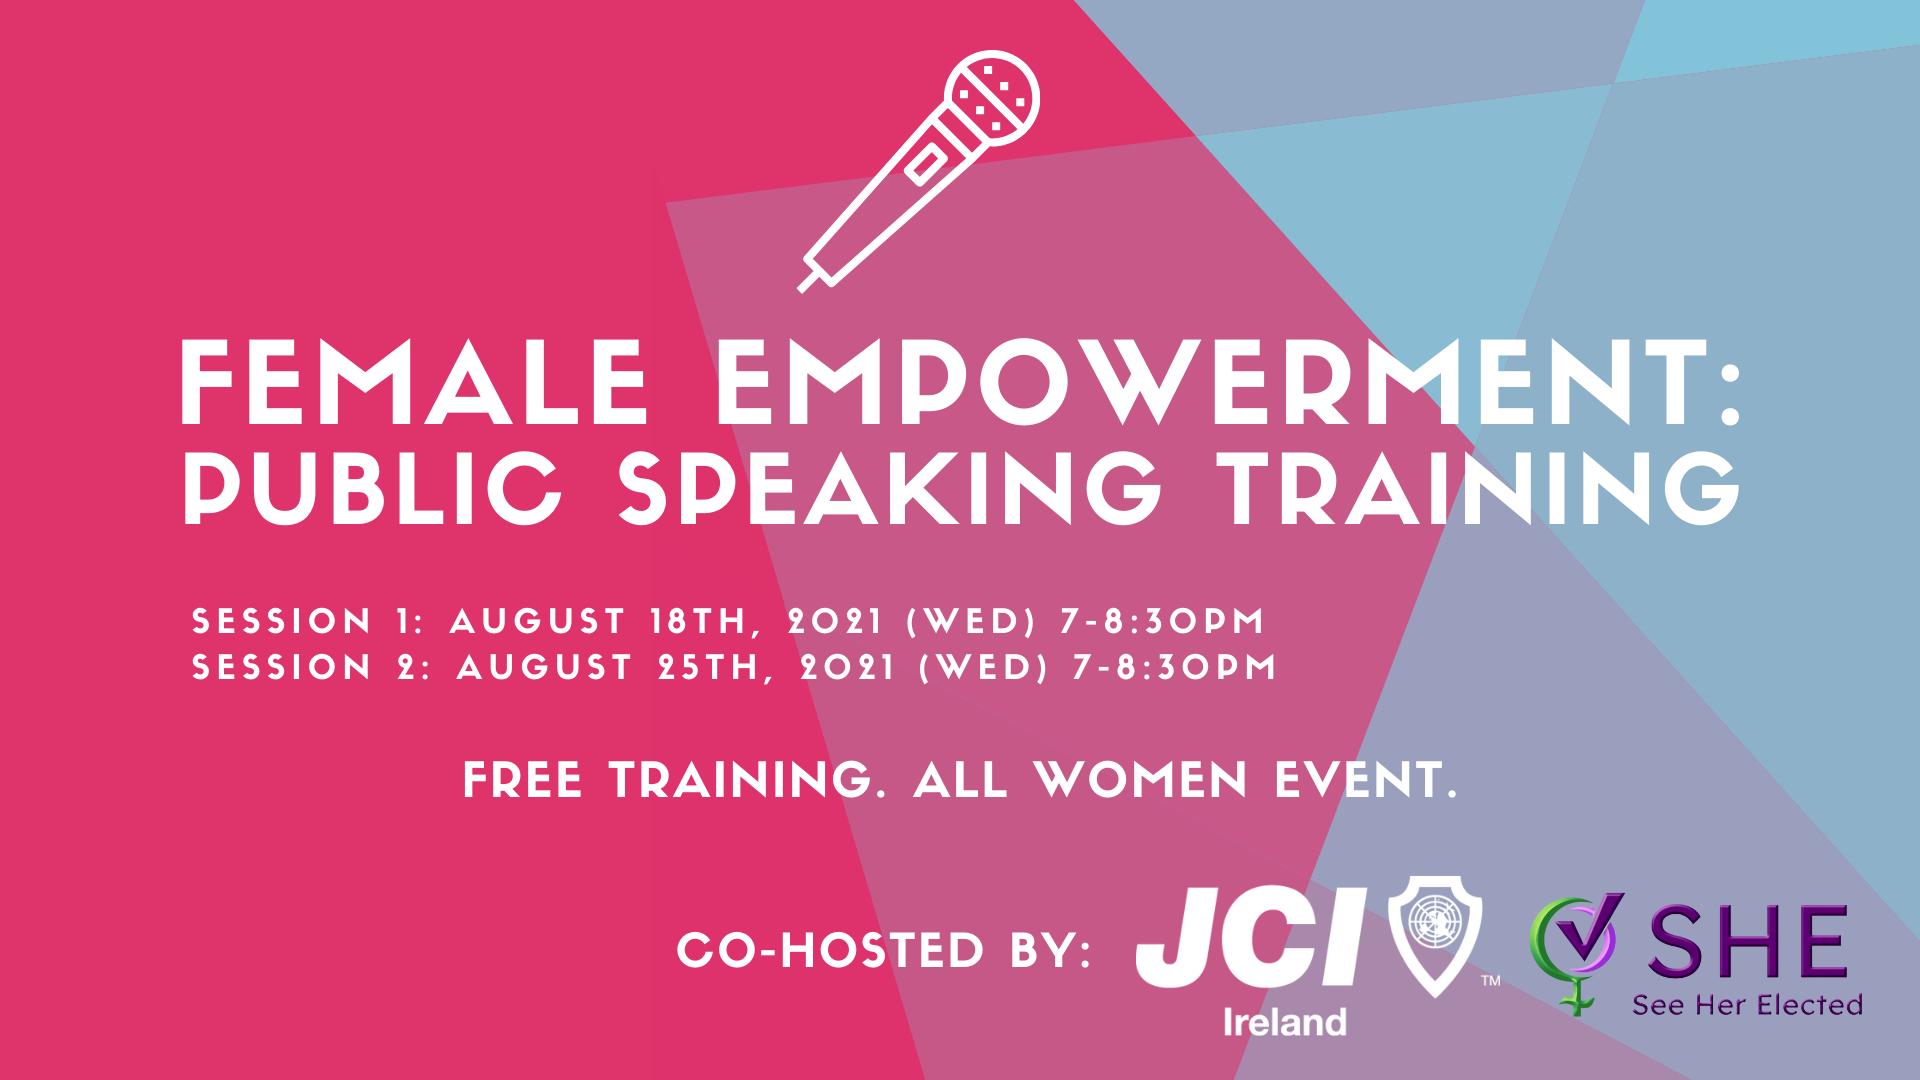 Female Empowerment Public Speaking Training